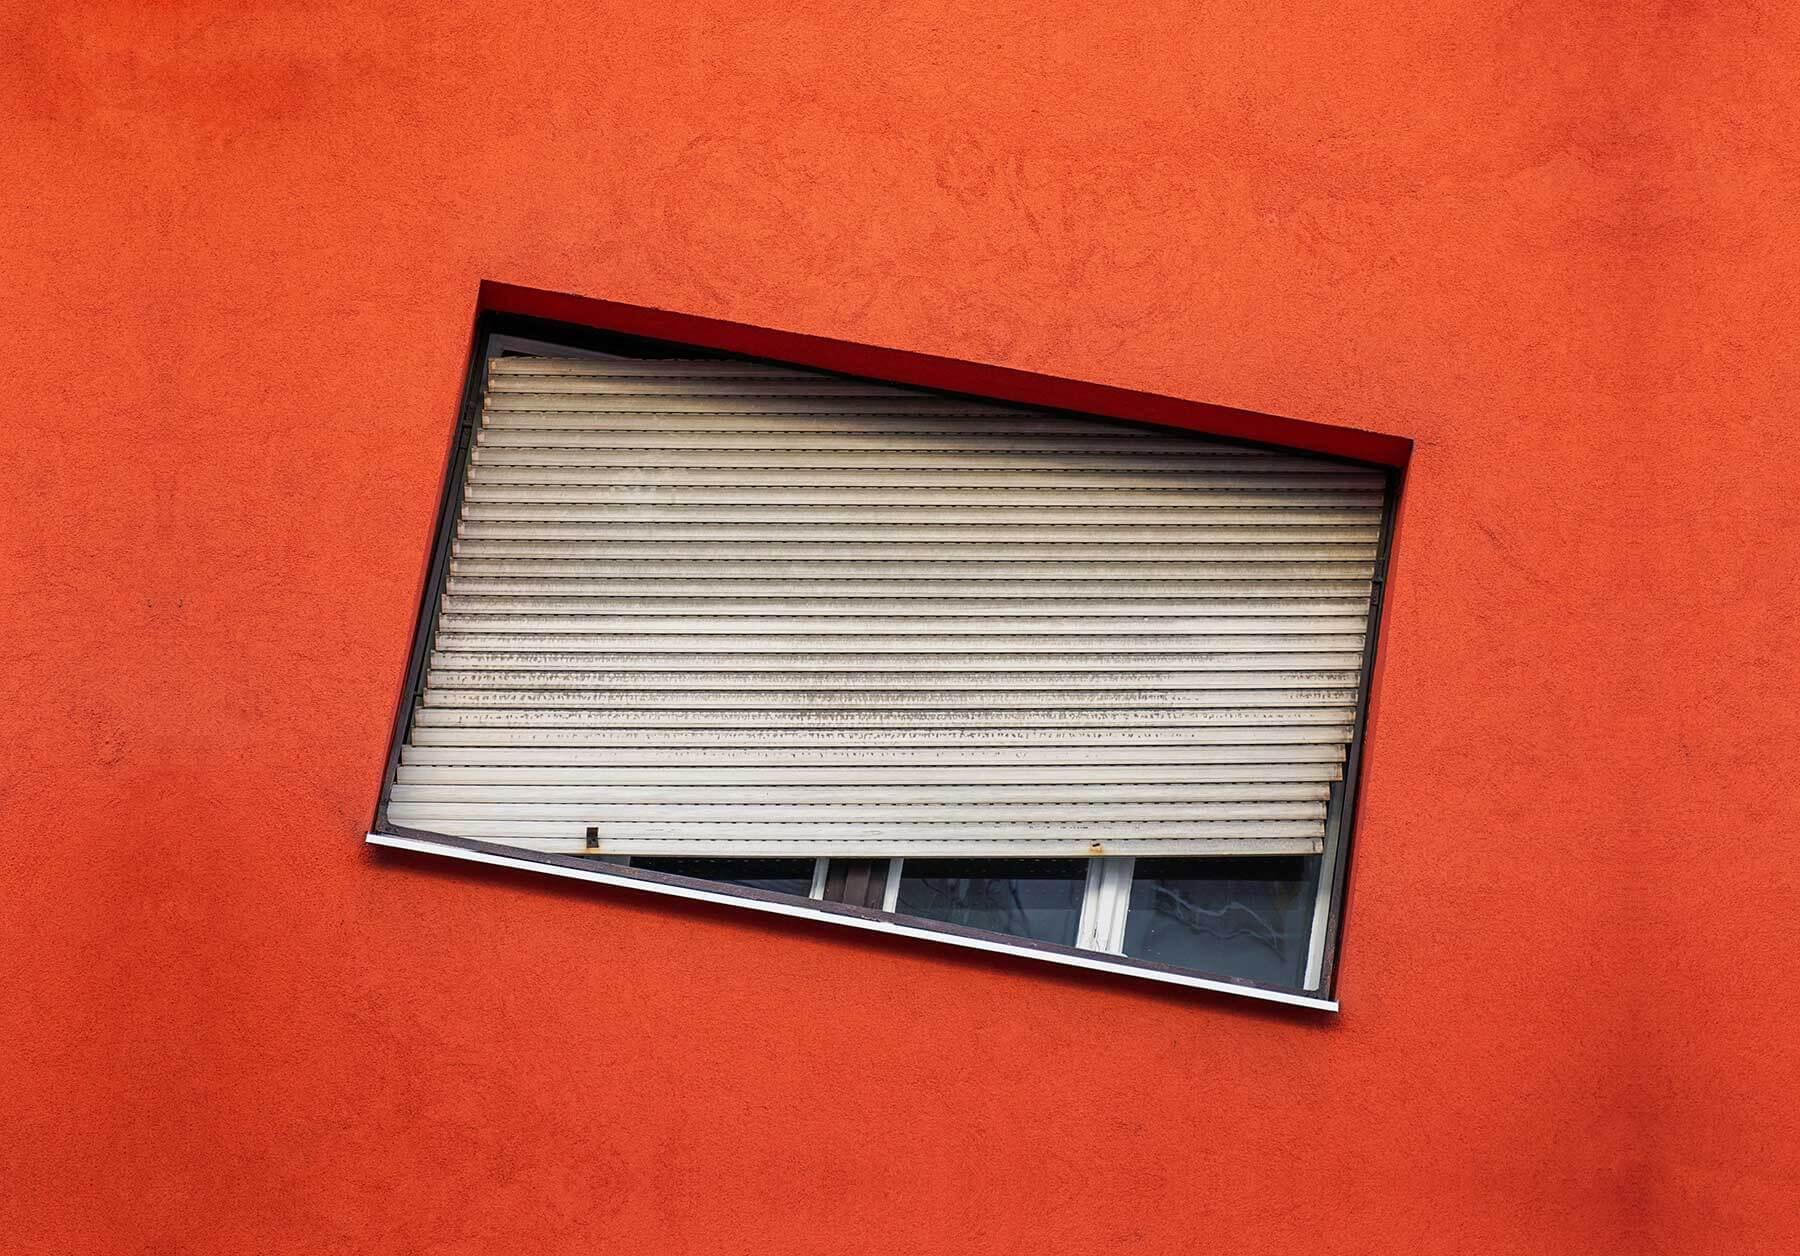 Bilderparade DLXXXV LangweileDich.net_Bilderparade_DLXXXV_01